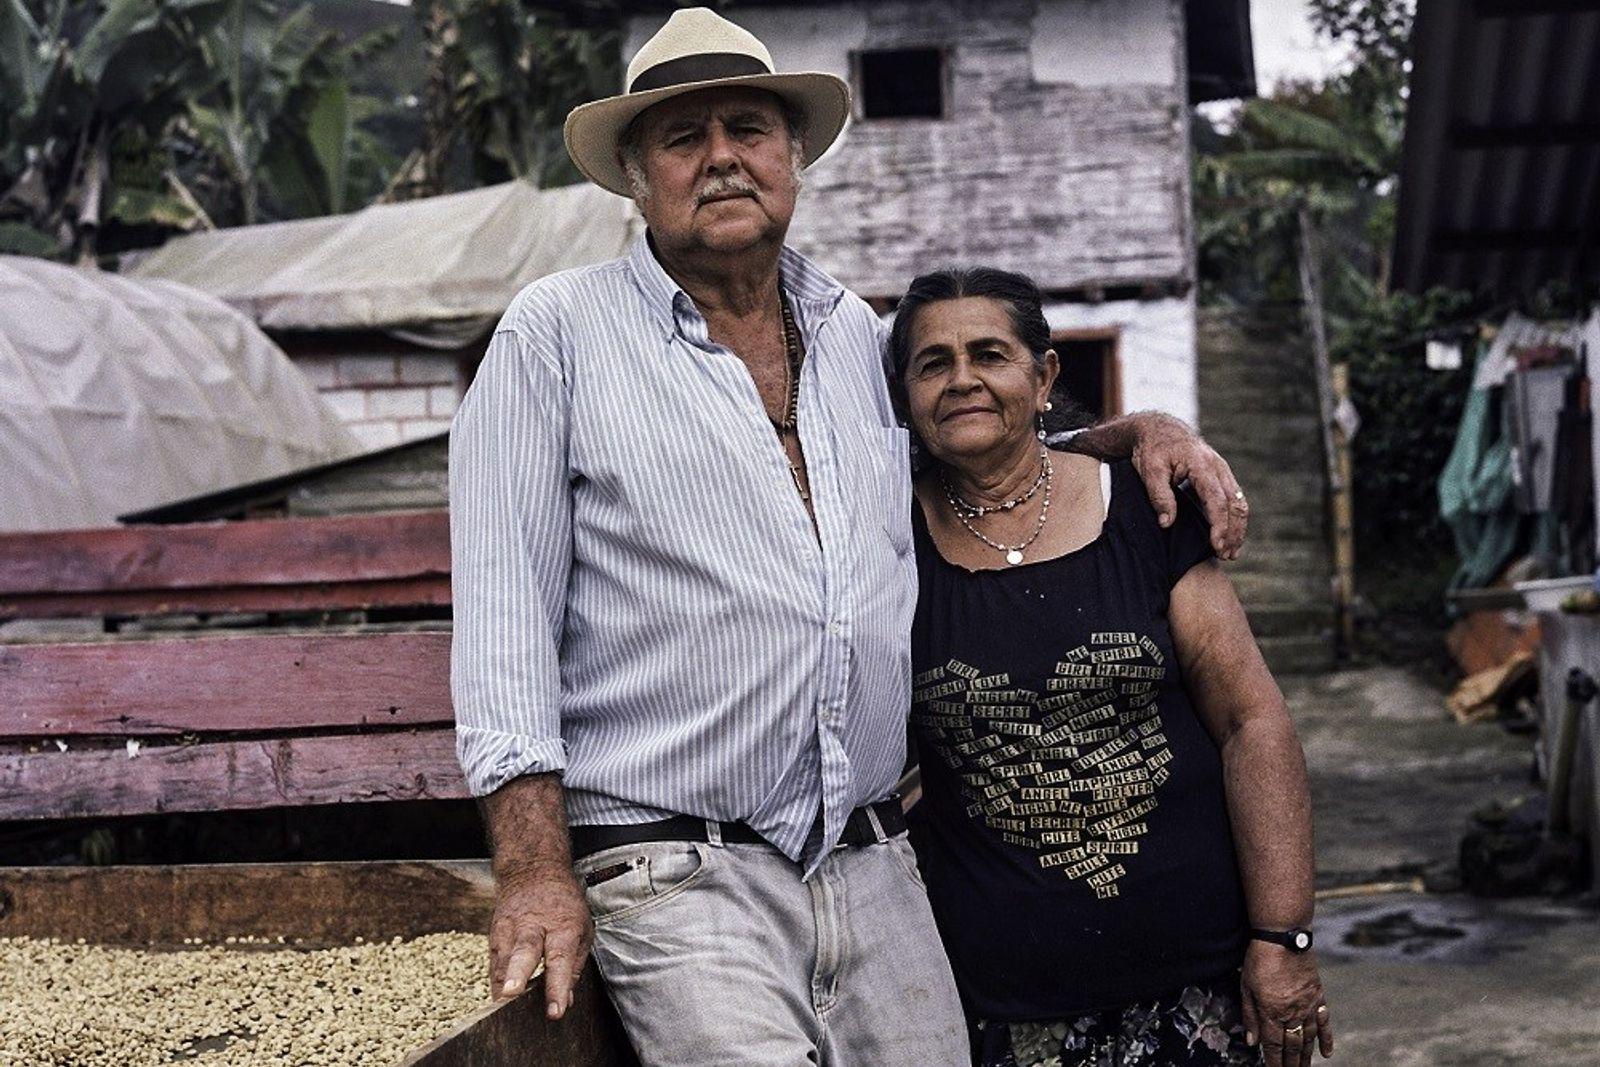 Don Fabio y su esposa, María Lindelia Jaramillo Atehortua, han dedicado sus vidas al cultivo de ...